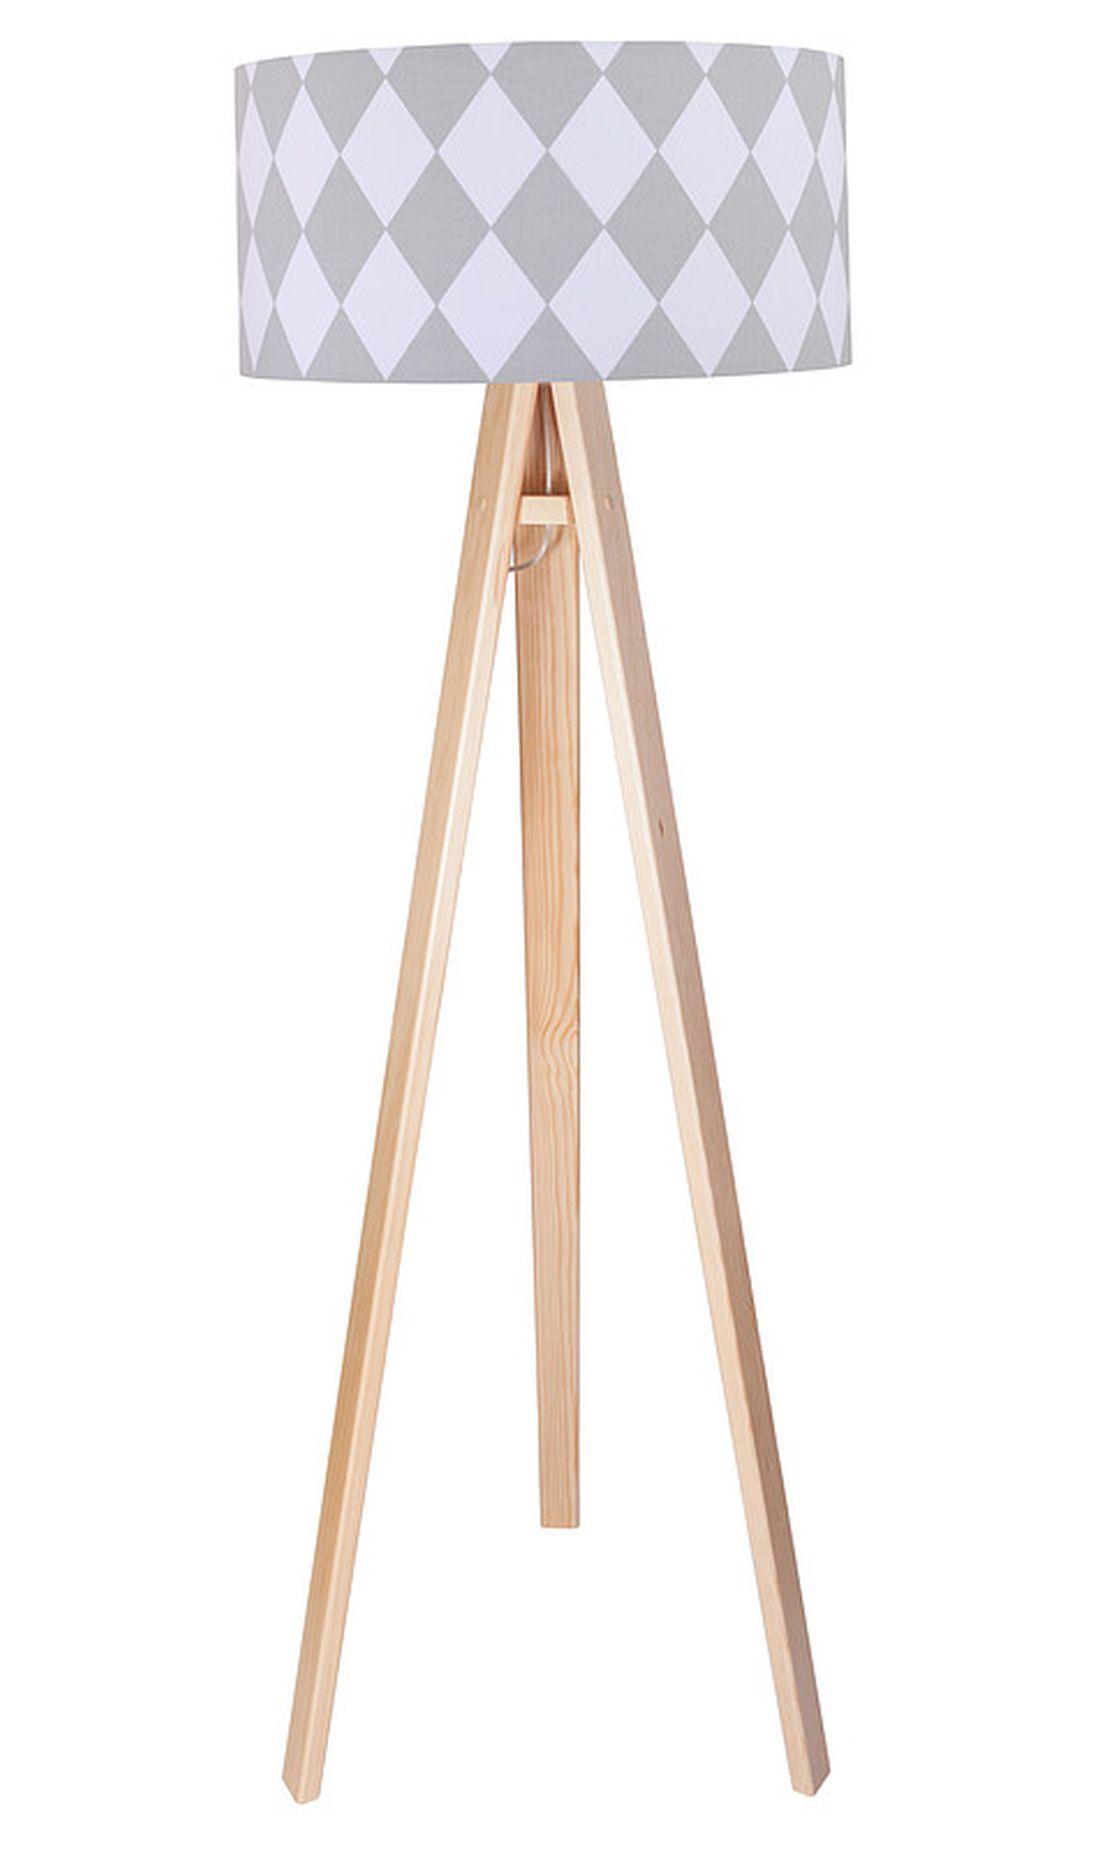 Stehlampe Holz Braun Grau Retro 140cm Wohnzimmer